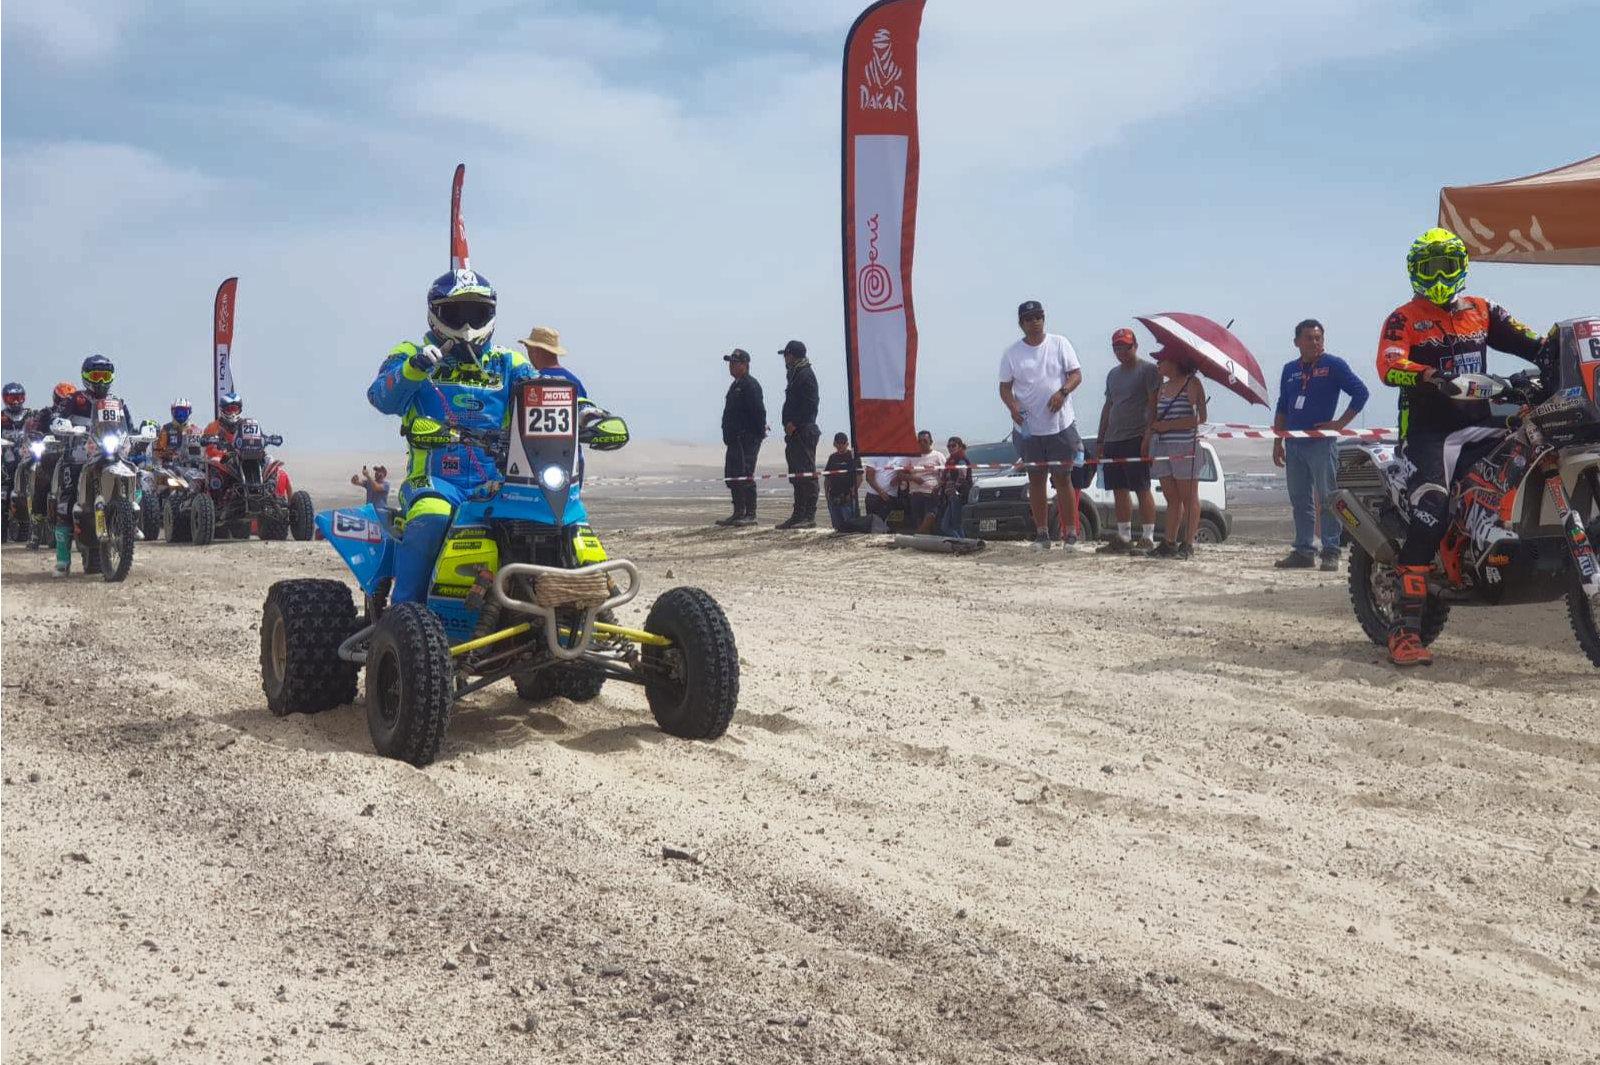 Tomáš Kubiena, Dakar 2019